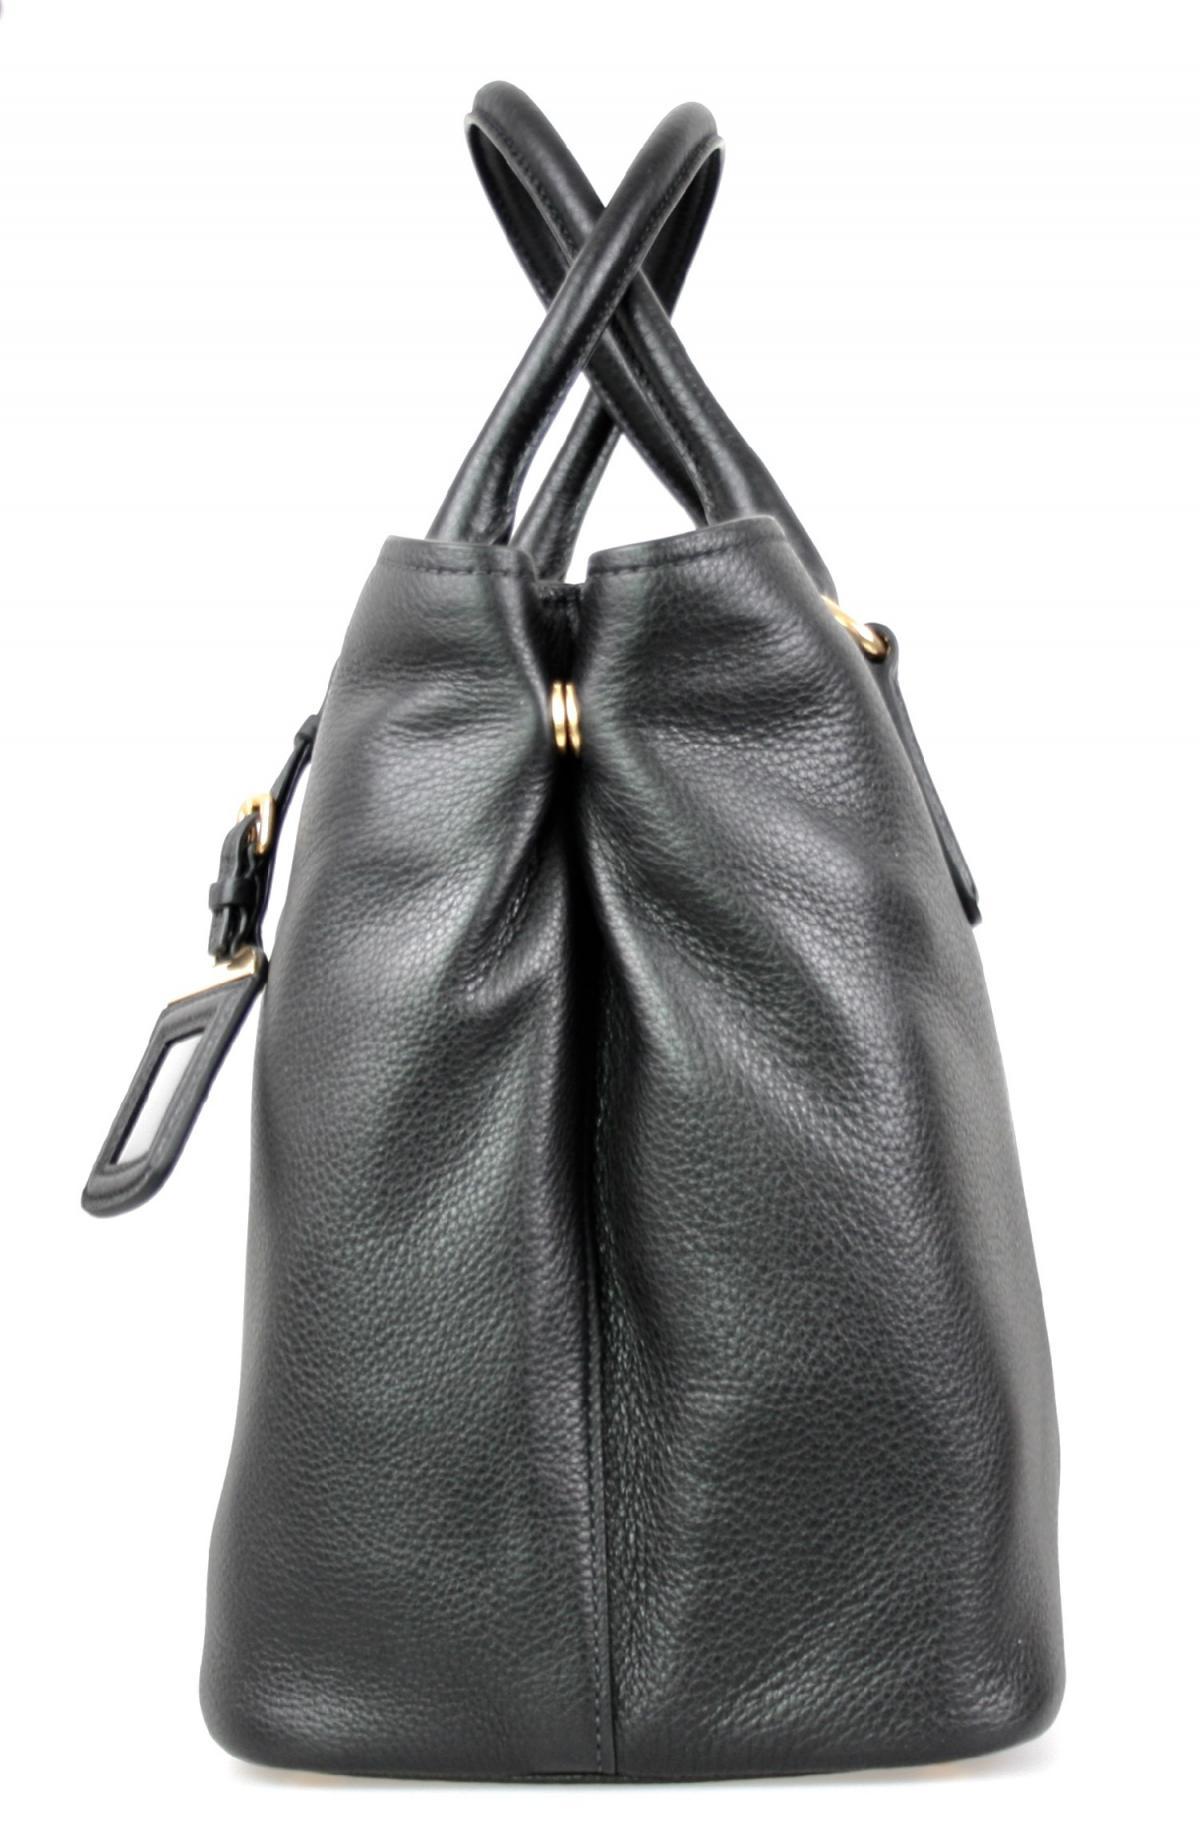 luxus prada schulter tasche handtasche 1ba794 schwarz neu new ebay. Black Bedroom Furniture Sets. Home Design Ideas